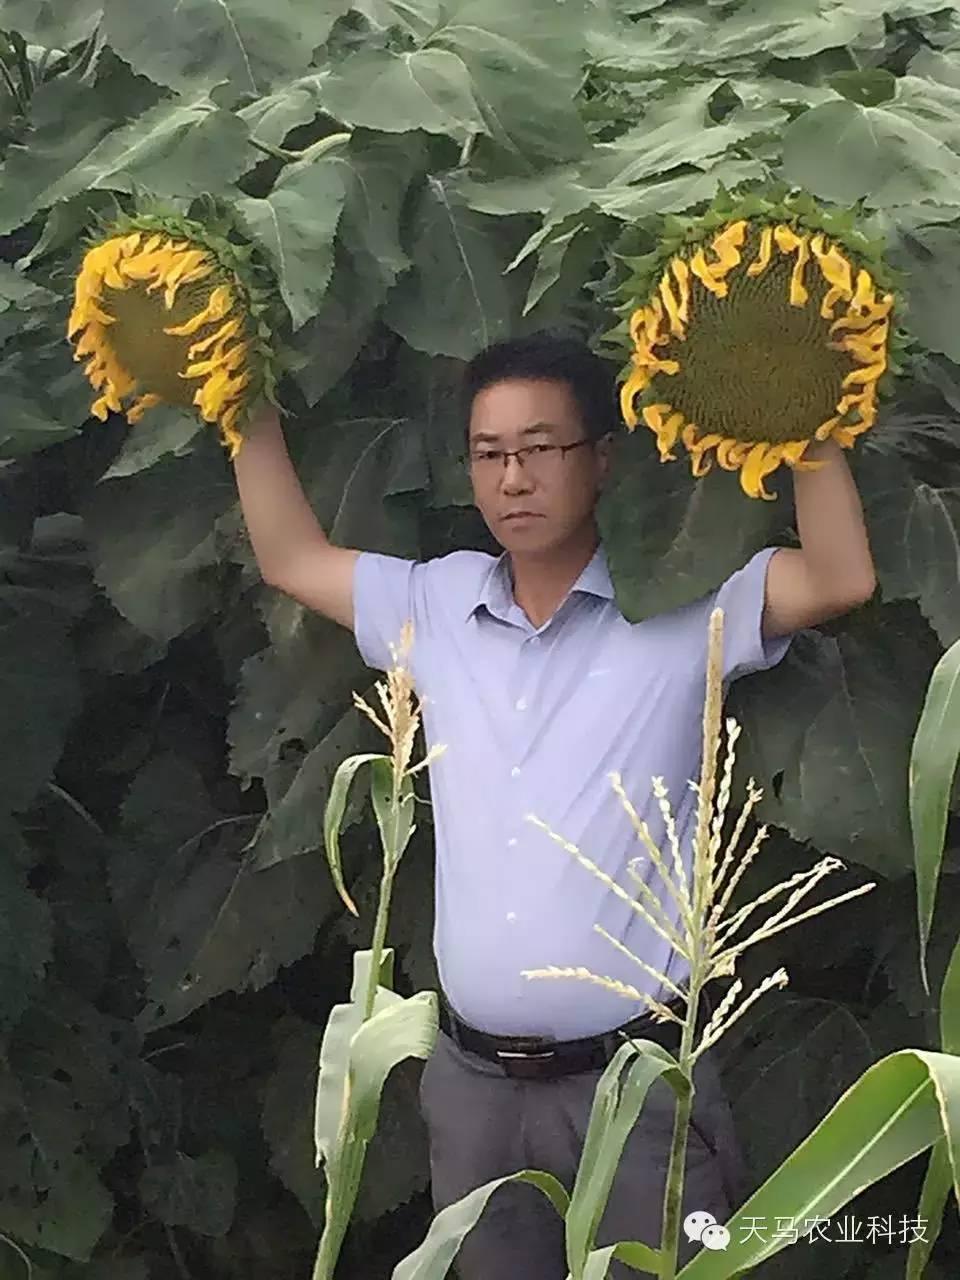 【分享】向日葵的四个生育期 向日葵种植要合理安排时间